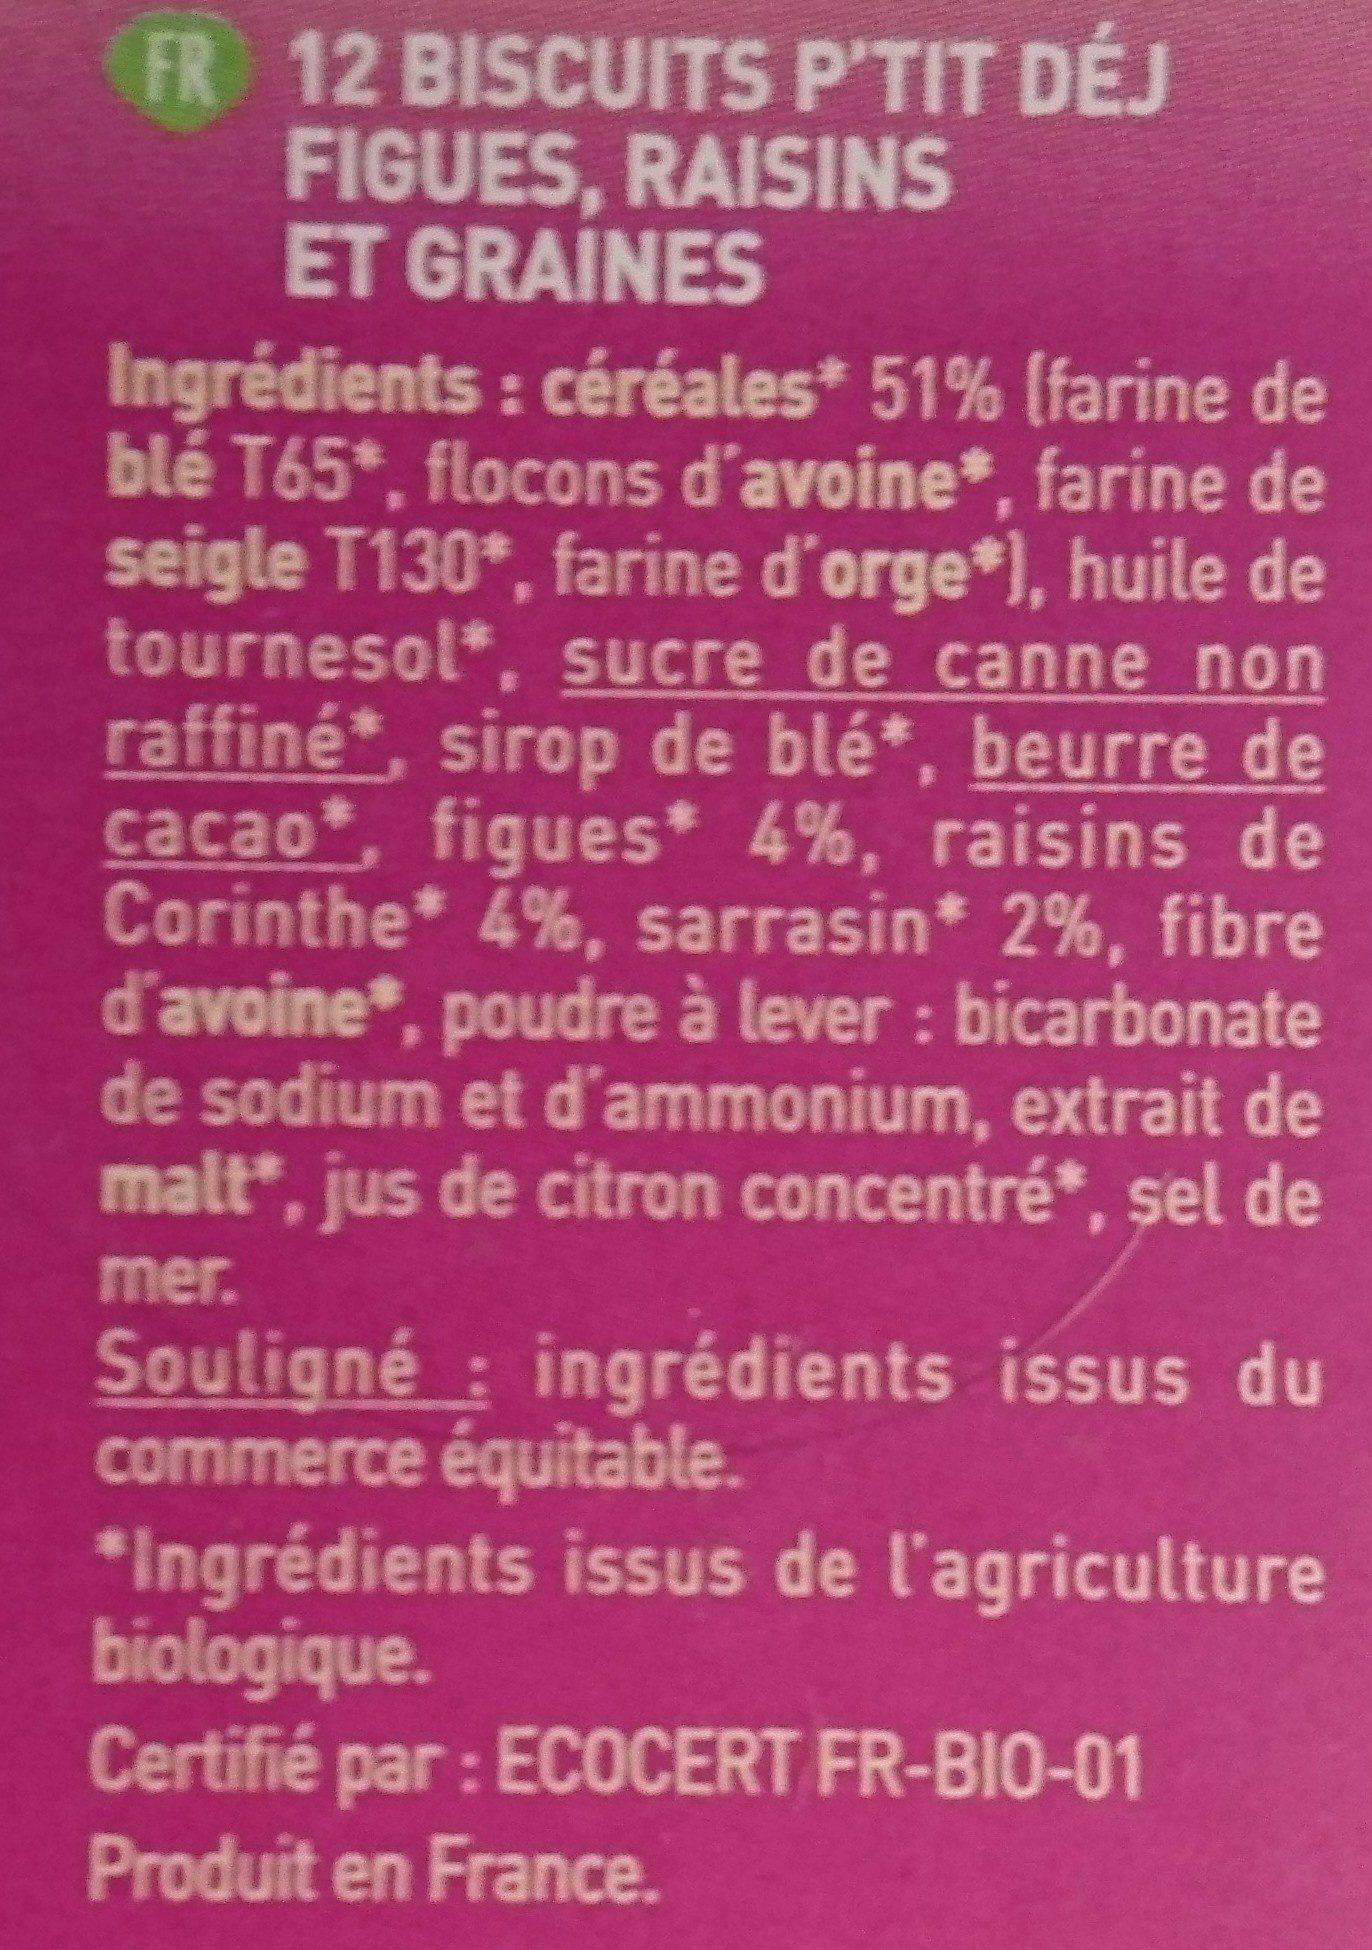 Biscuit Petit Dej Figue, Raisin, Graines - Ingrediënten